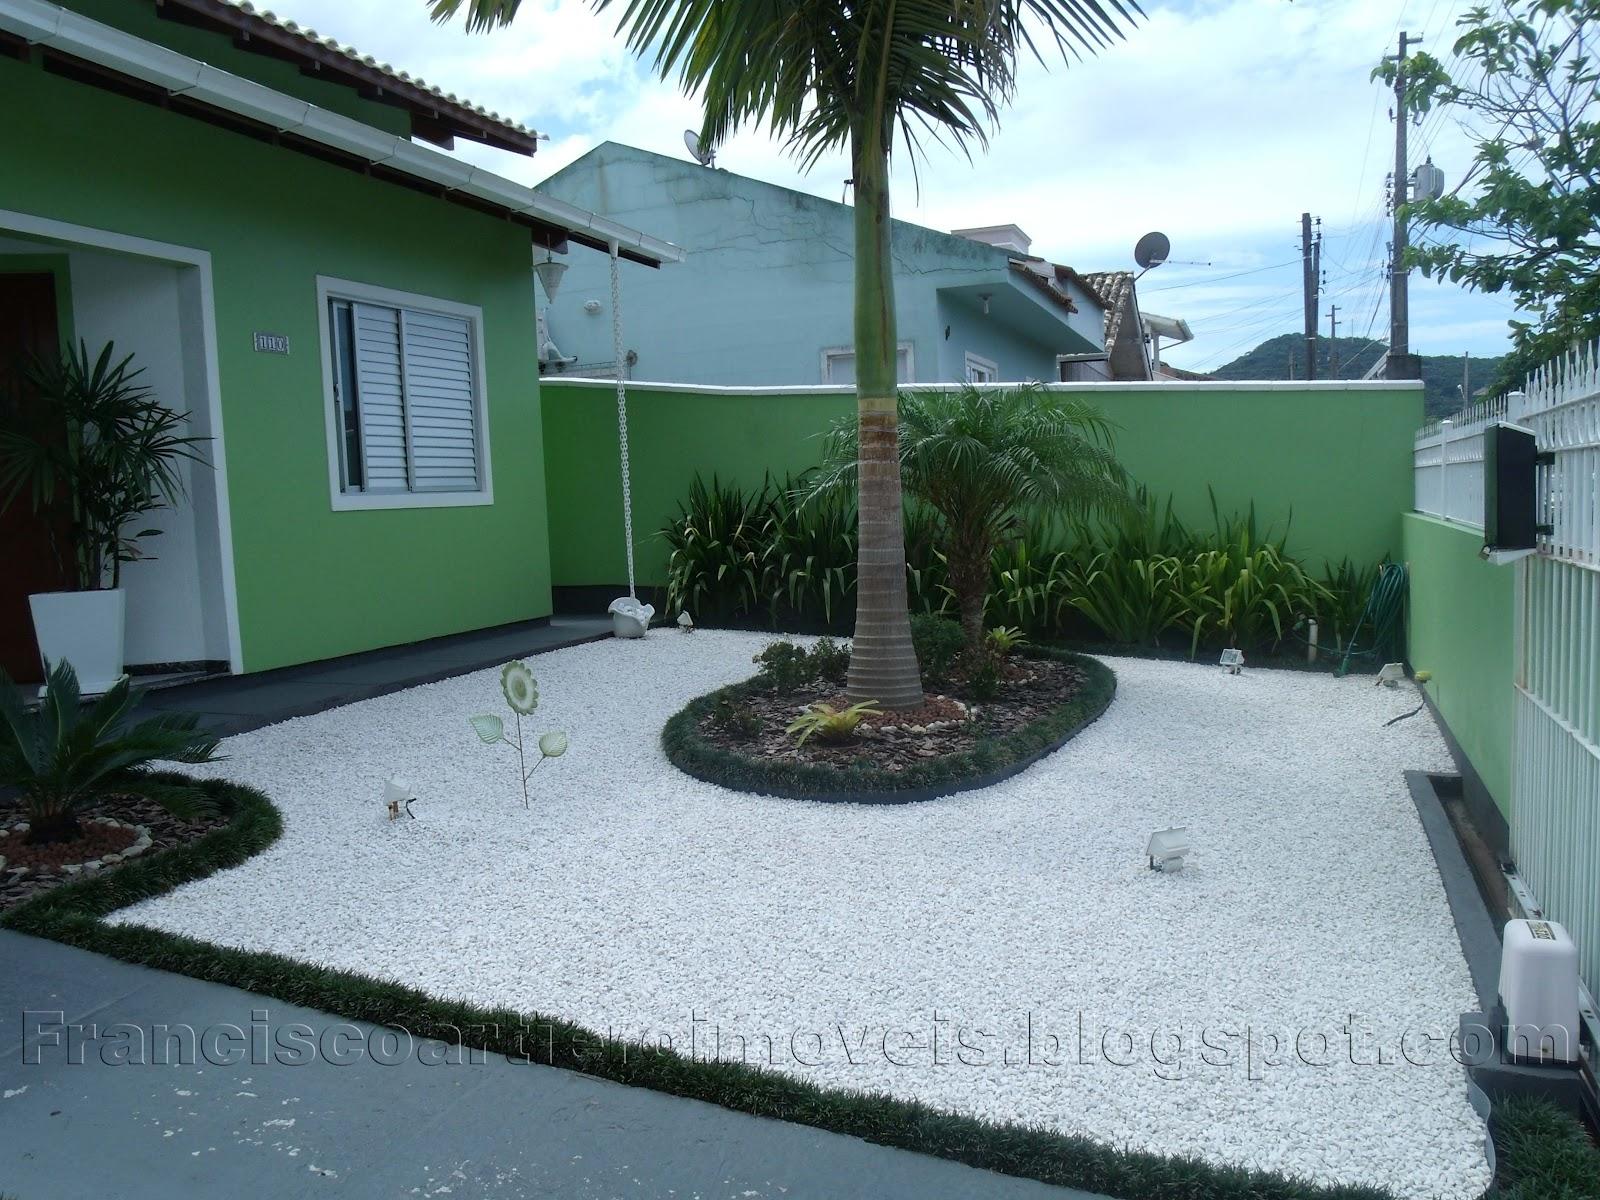 Artiero Imóveis: Vendo casa 2 dormitórios e edícula no Loteamento  #447287 1600x1200 Armario De Banheiro Em Espanhol